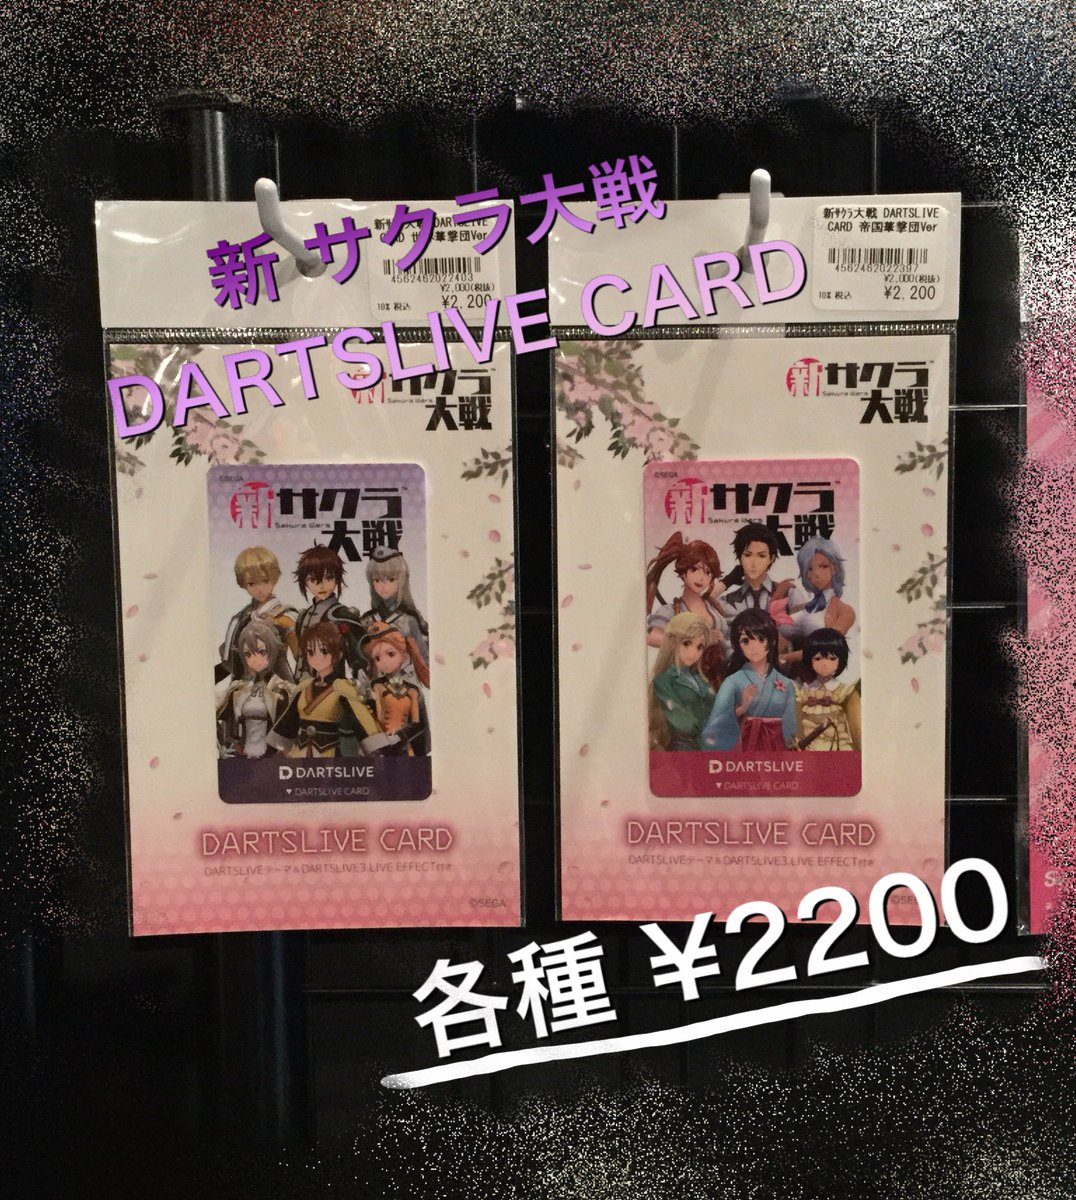 test ツイッターメディア - こんばんは!けー&たみぃです‼️🤓😬東京の桜は満開ですね🌸新 サクラ大戦 ダーツライブカード、当店に商品ありますよ🙌このカードでゲームでも一花咲かせませんか⁉️決算セールも開催中です✨本日もラストまでお待ちしています‼️ https://t.co/CQqbs2bTom